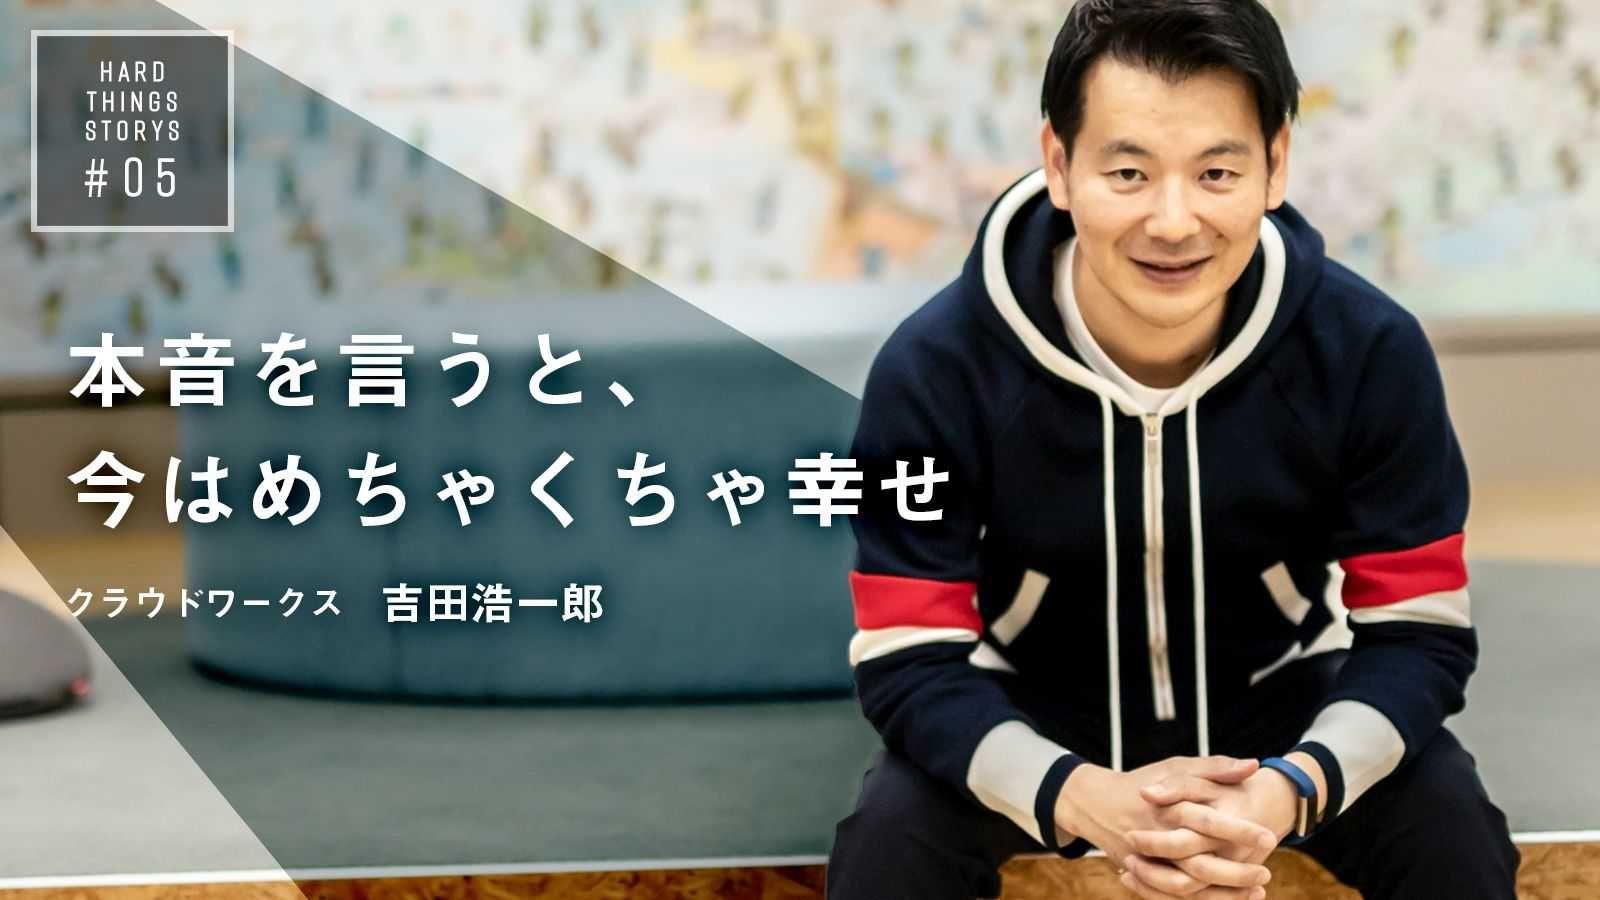 クラウドワークス 社長 吉田浩一郎が「孤立」の先に見つけた希望